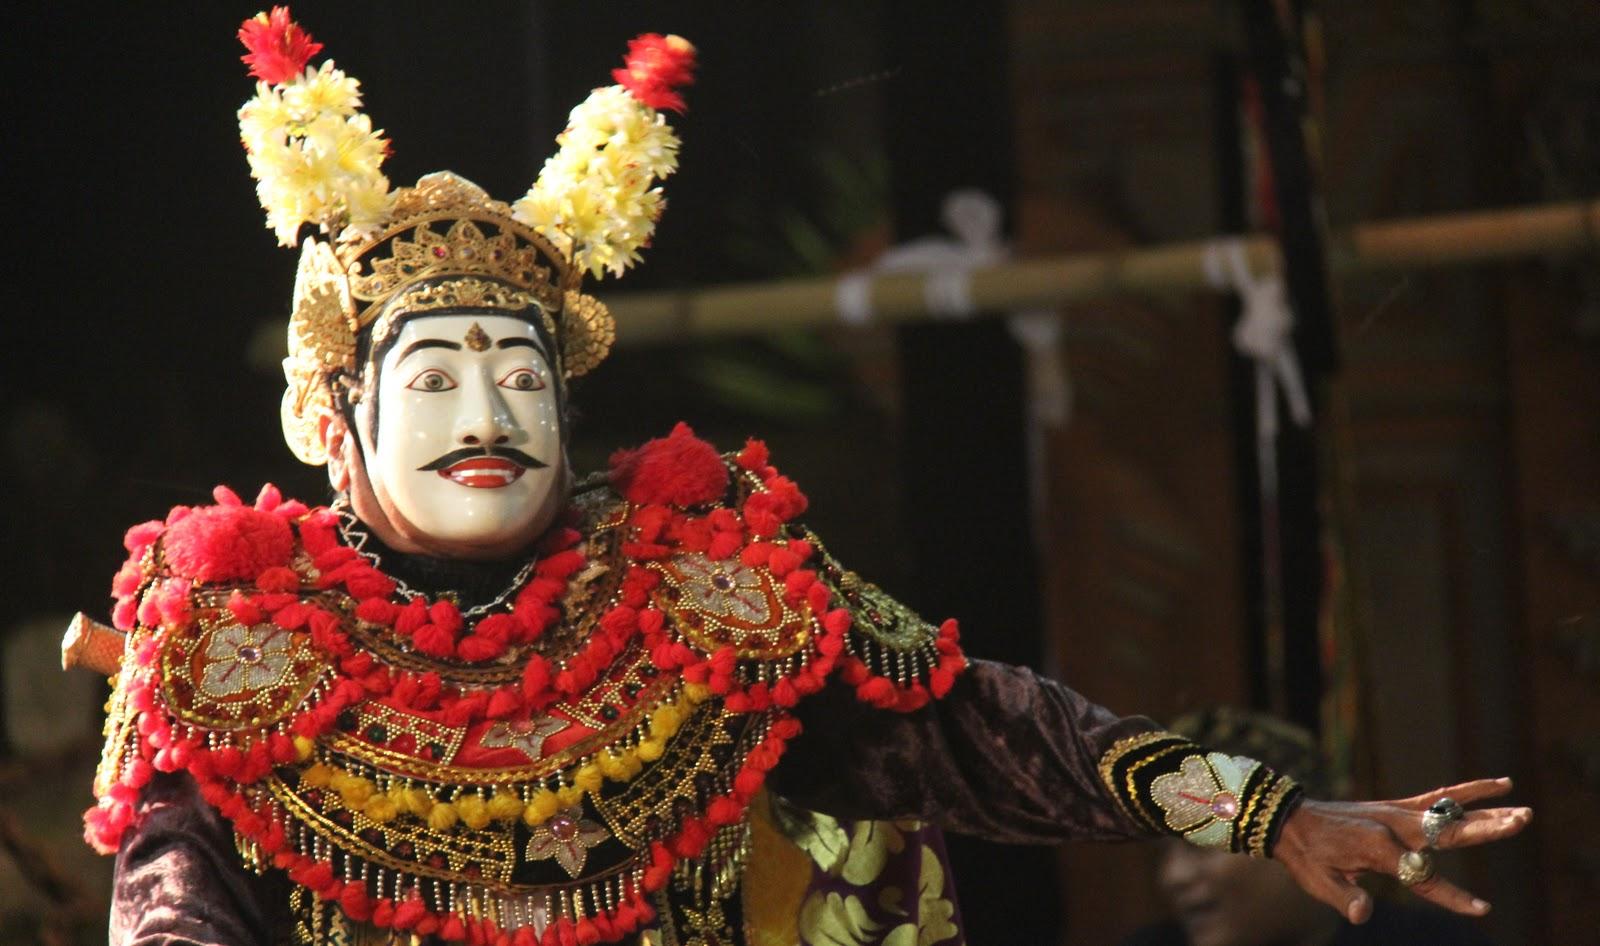 Seni Dan Budaya Indonesia: 12/06/11